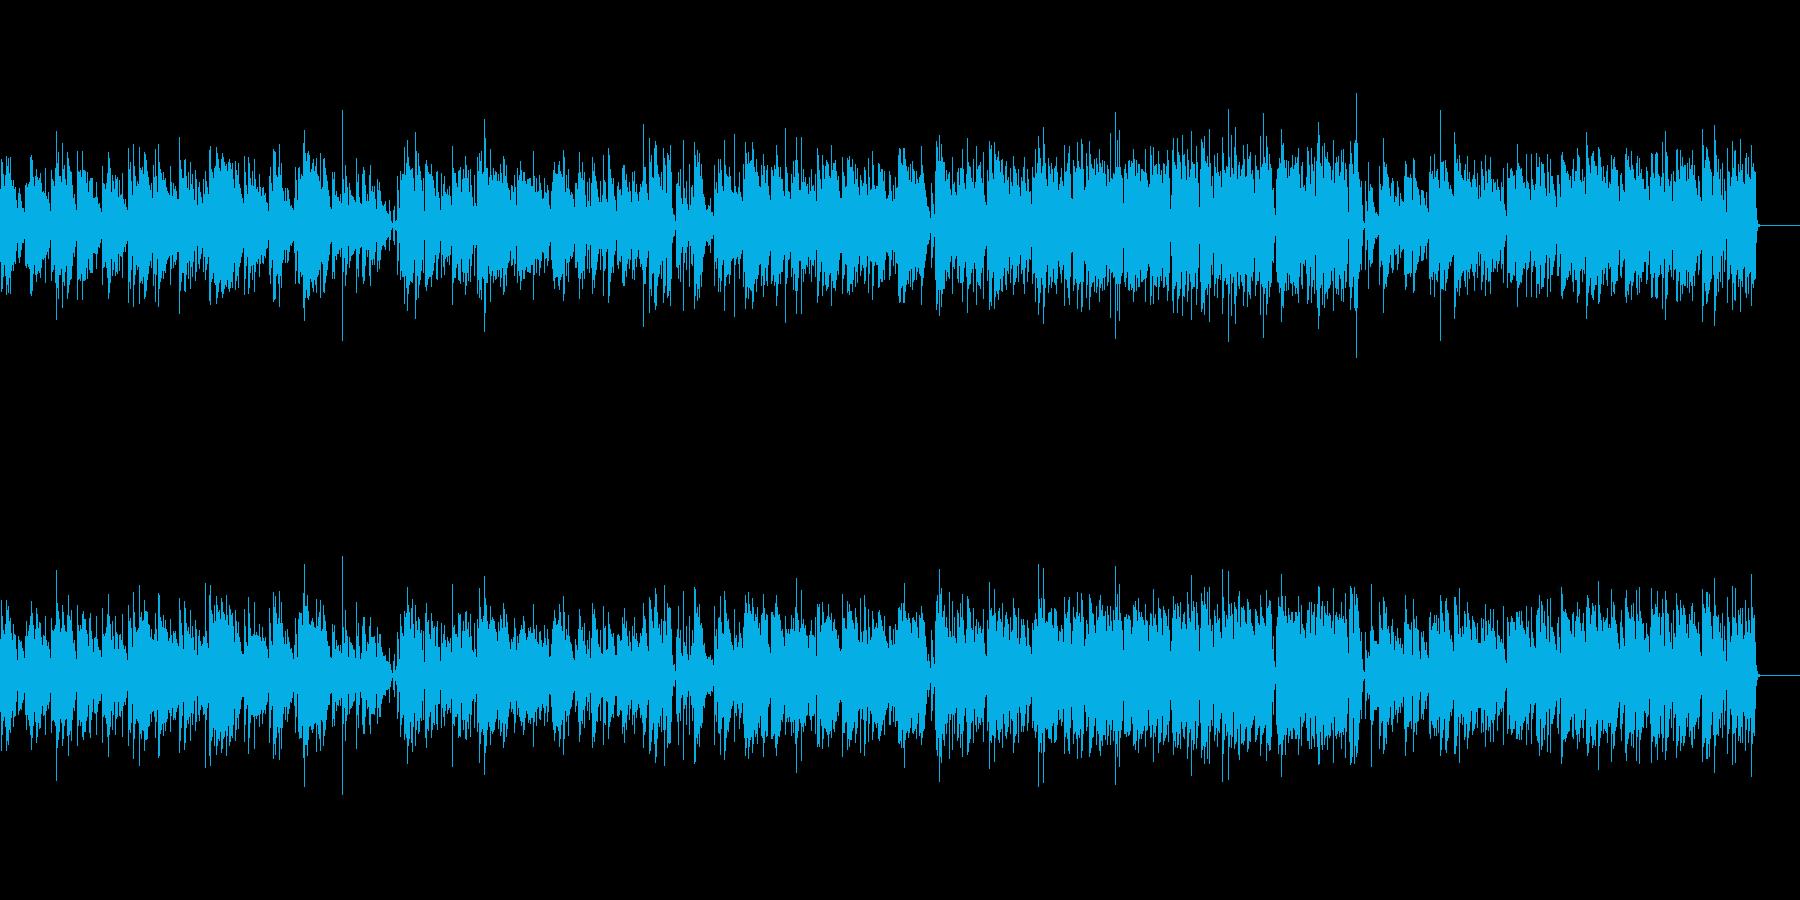 ヴィヴァルディのボサノバ風アレンジの再生済みの波形